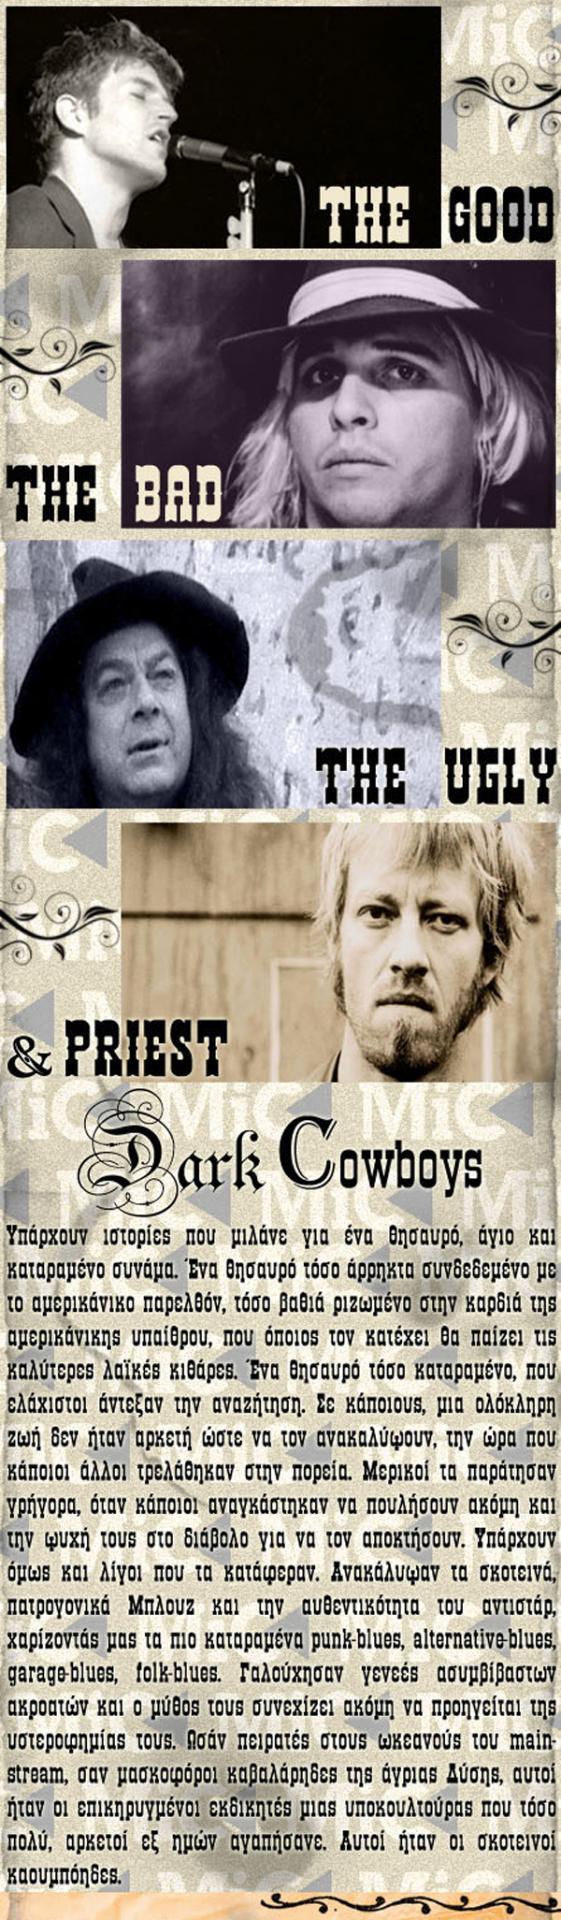 Dark Cowboys